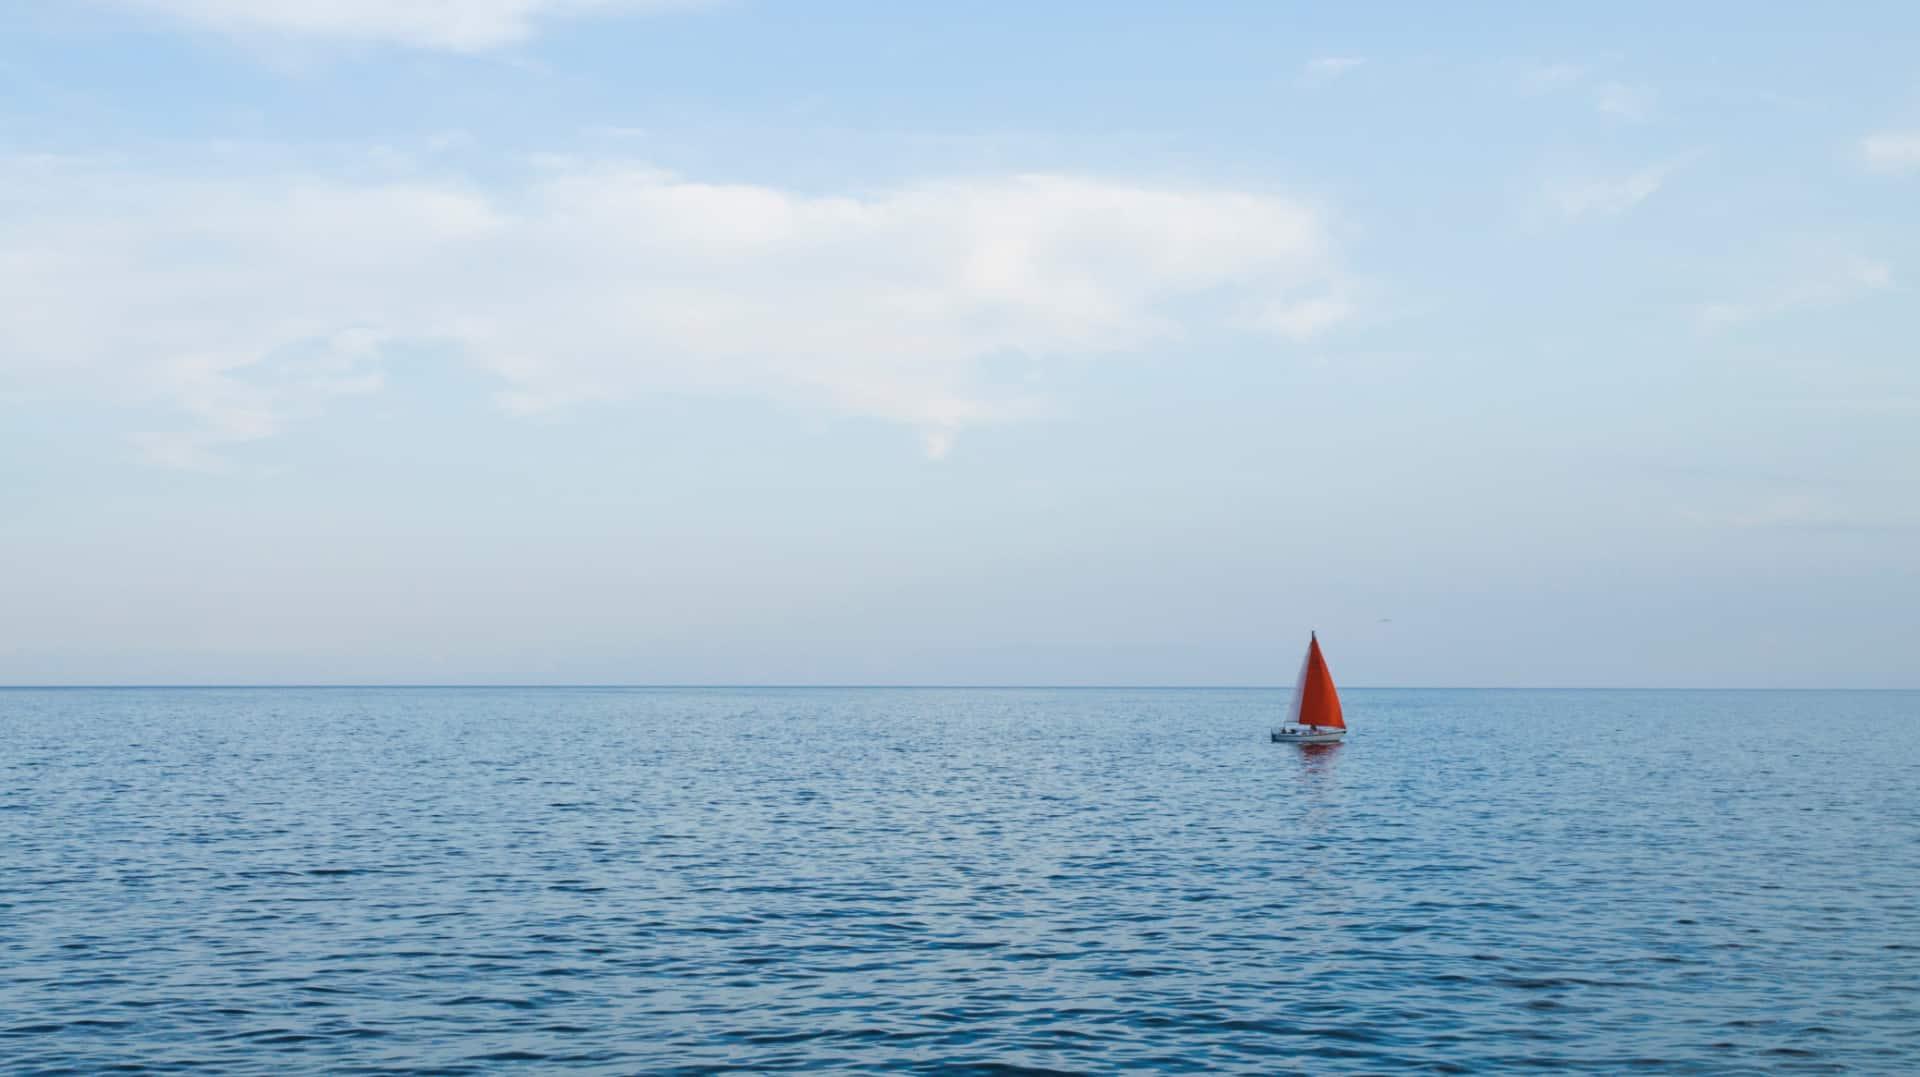 Tif Boat